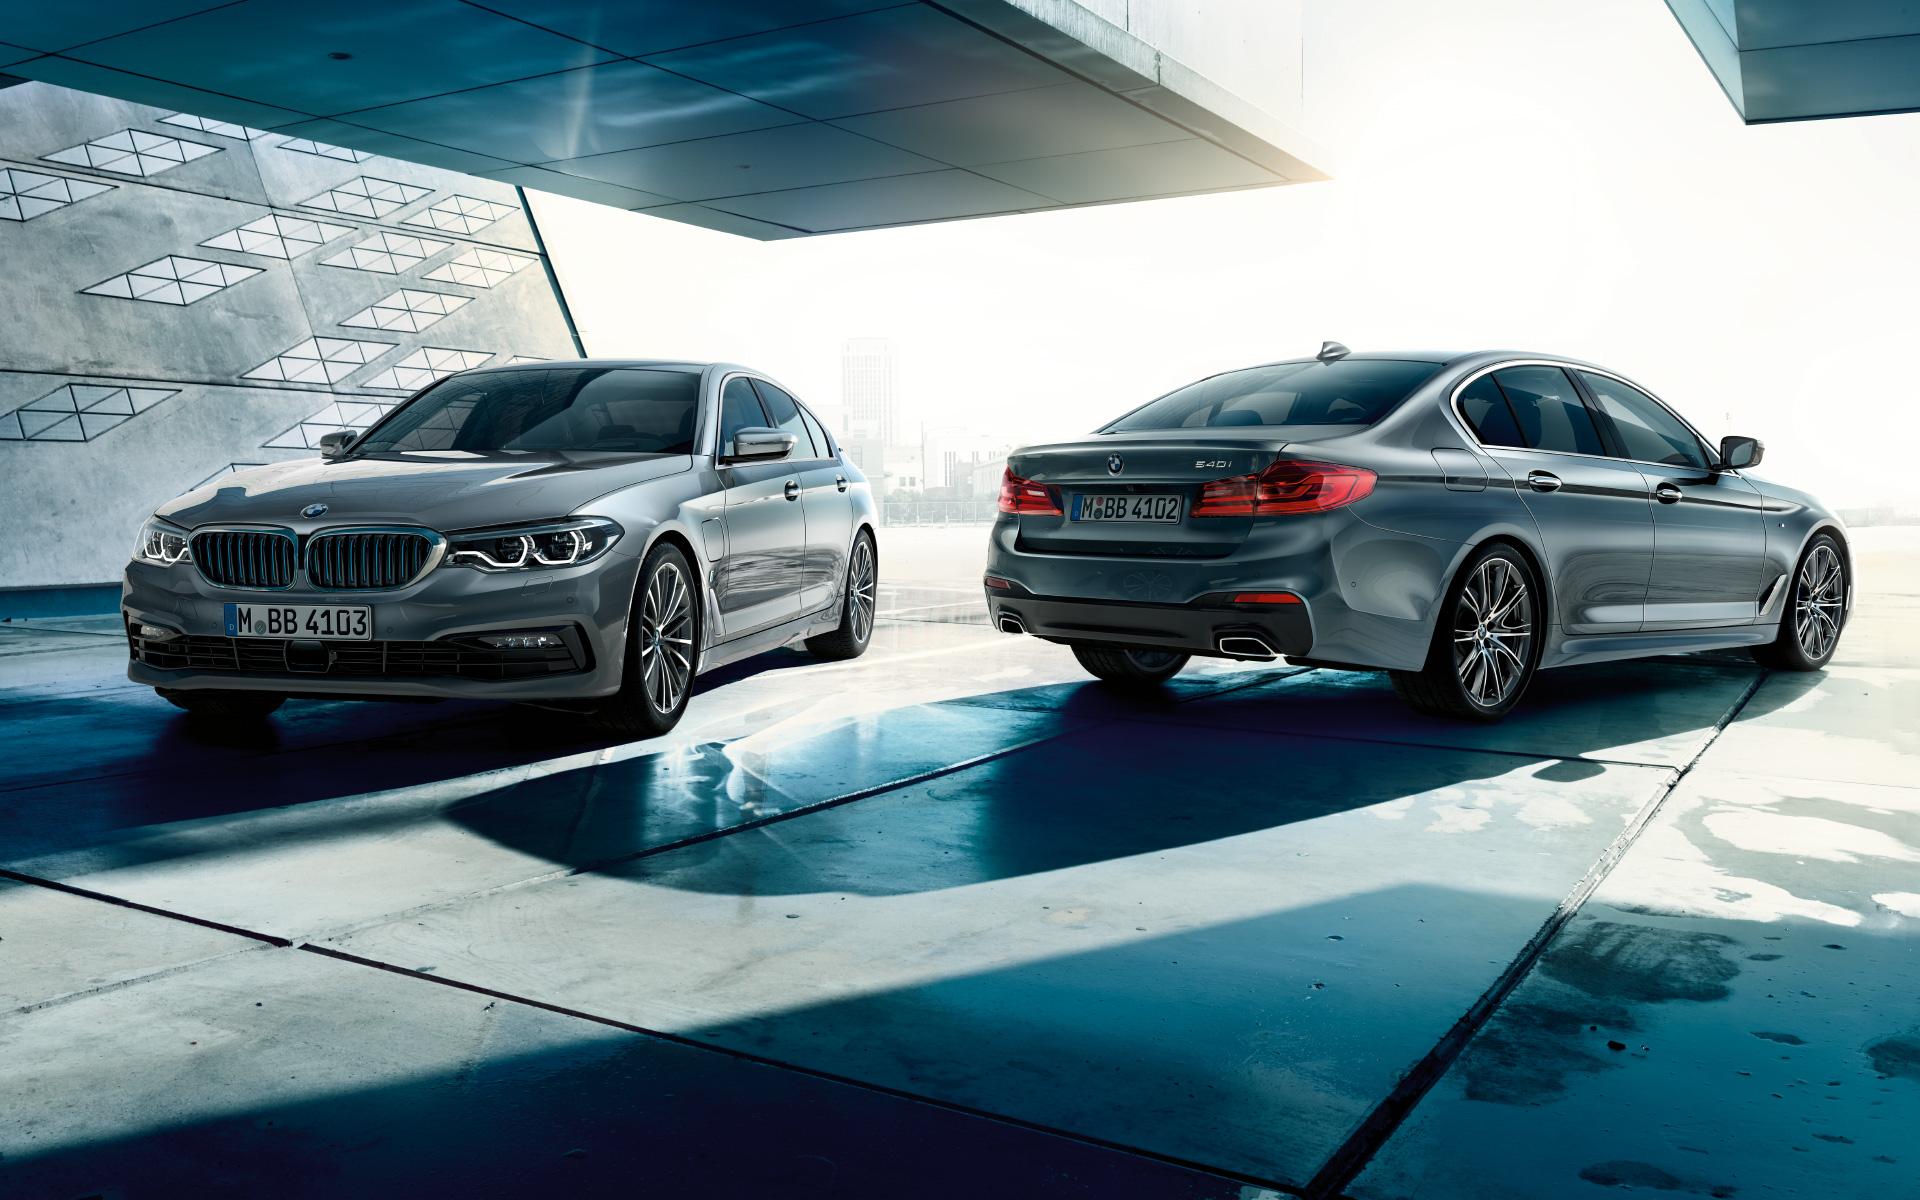 โปรโมชั่น BMW ทุกรุ่นปี 2019 ราคา-ตารางผ่อน-ดอกเบี้ย | 091